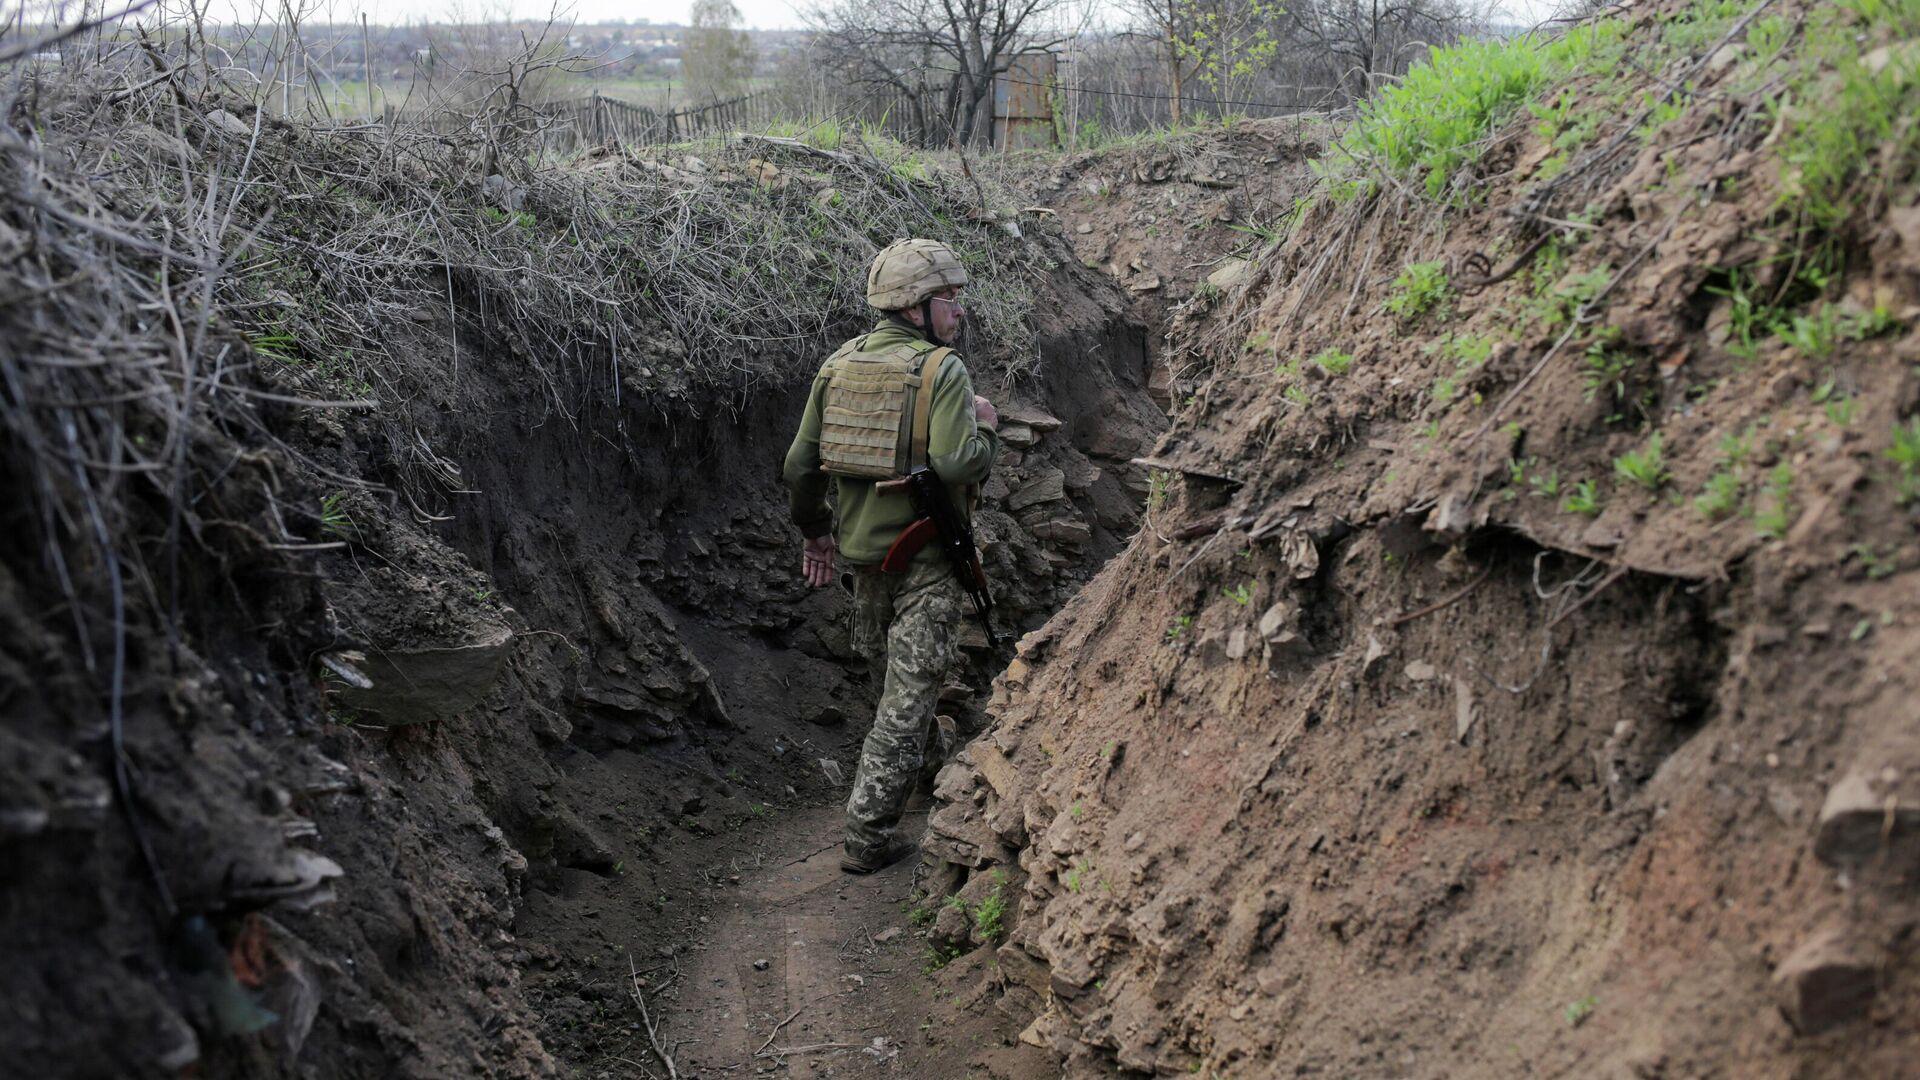 Украинский военный в районе линии соприкосновения в Донецкой области - РИА Новости, 1920, 04.05.2021